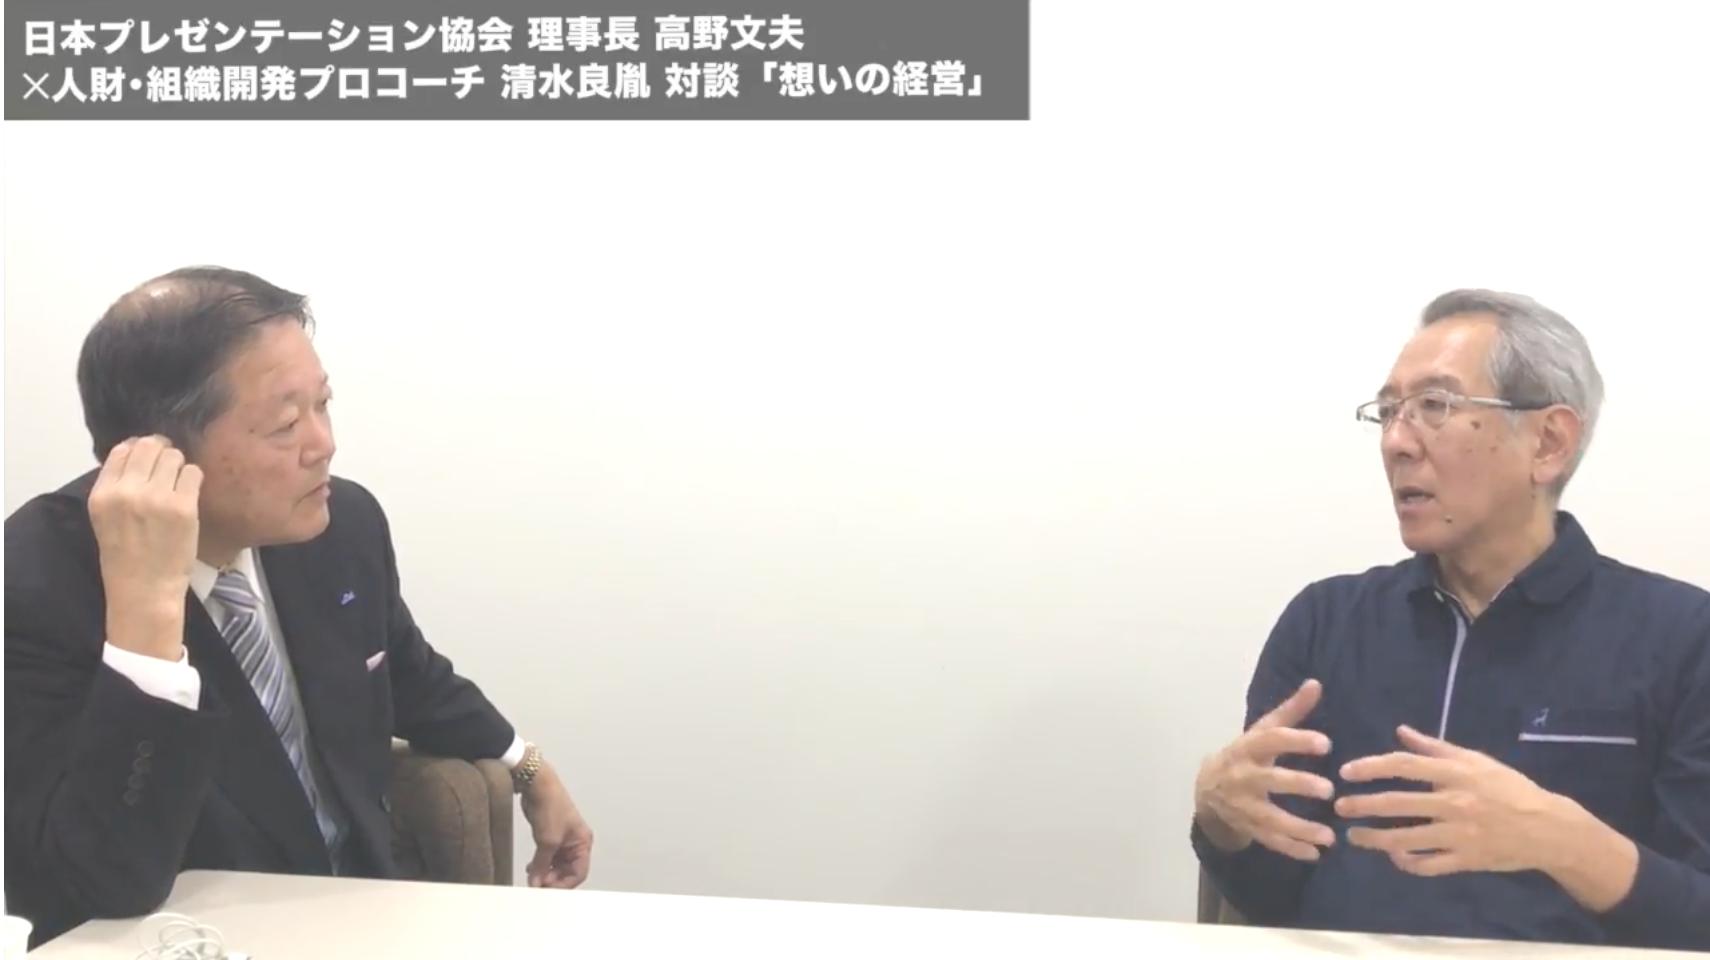 高野文夫清水良胤コンサルタントコーチコミュニケーションプレゼンテーション研修講師